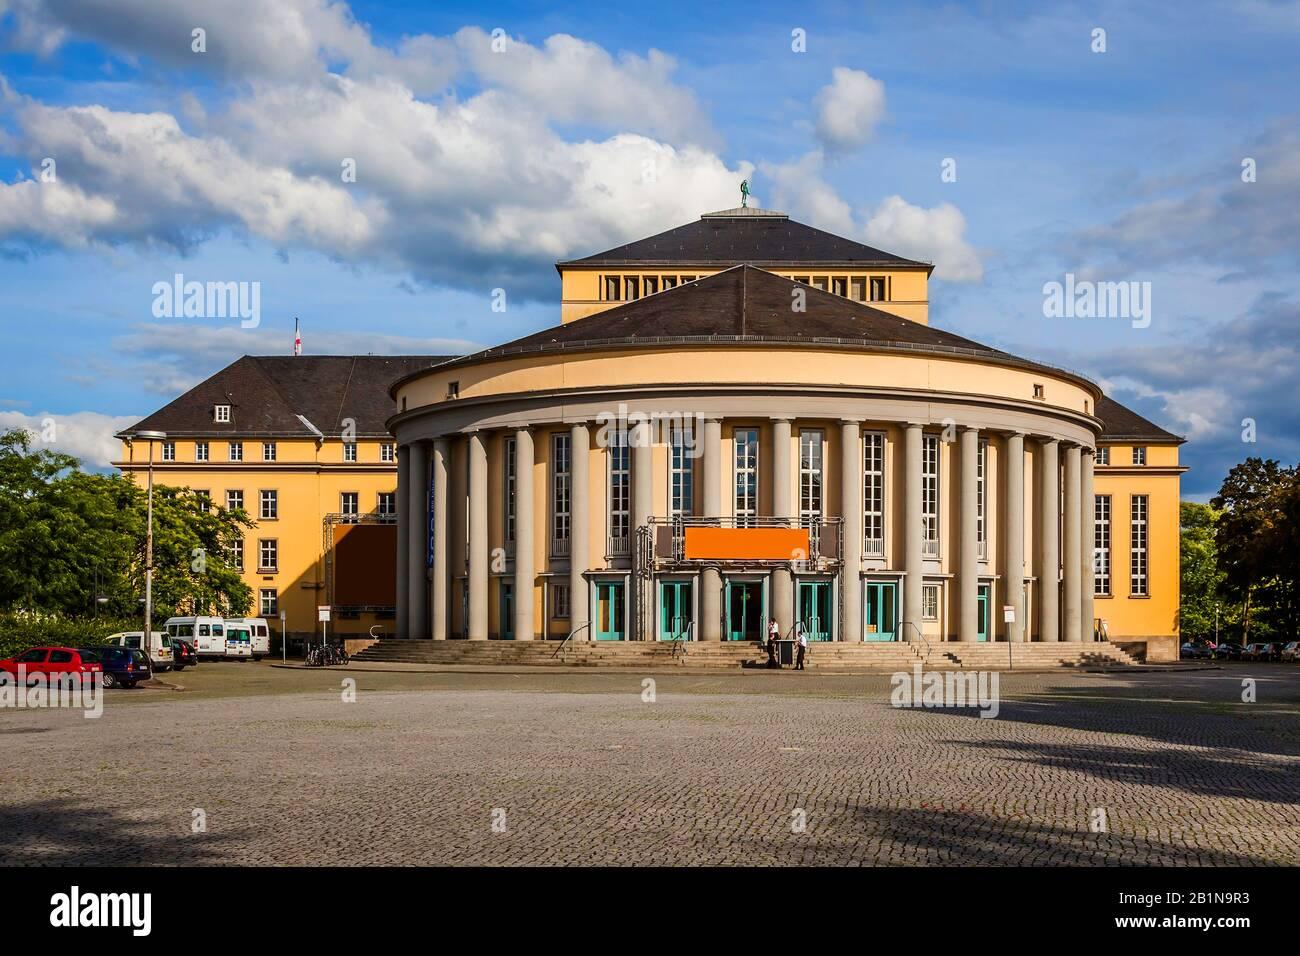 theatre in Saarbruecken, Germany, Saarland, Saarbruecken Stock Photo